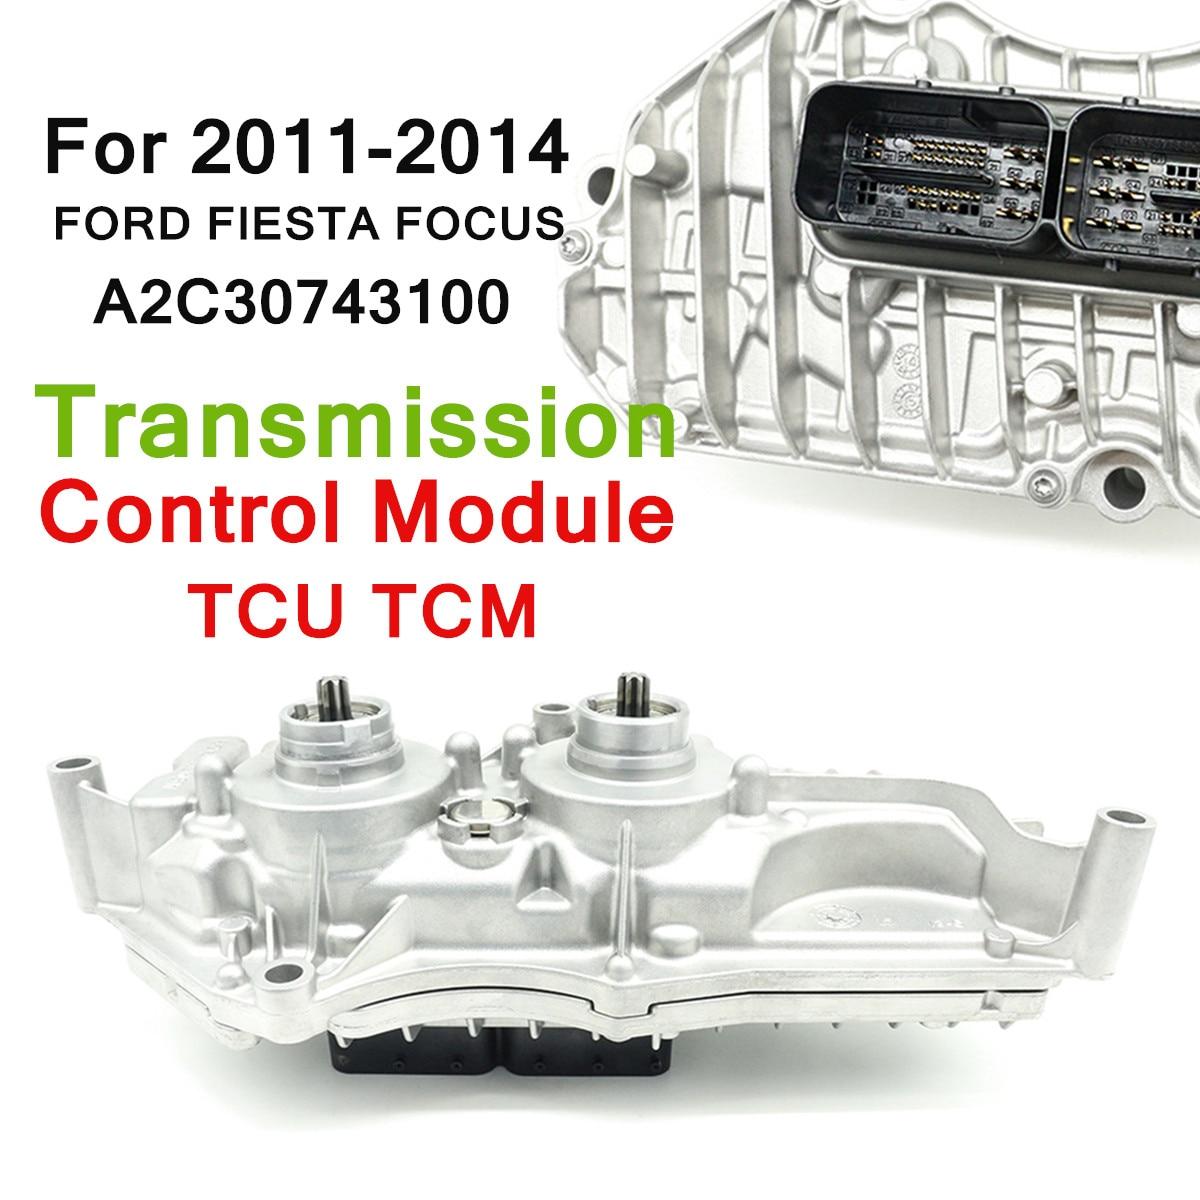 Pour FORD FIESTA FOCUS 2011-2014 Module De Commande De Transmission TCU TCM A2C30743100 Remplacement Direct Argent Auto Pièces De Rechange